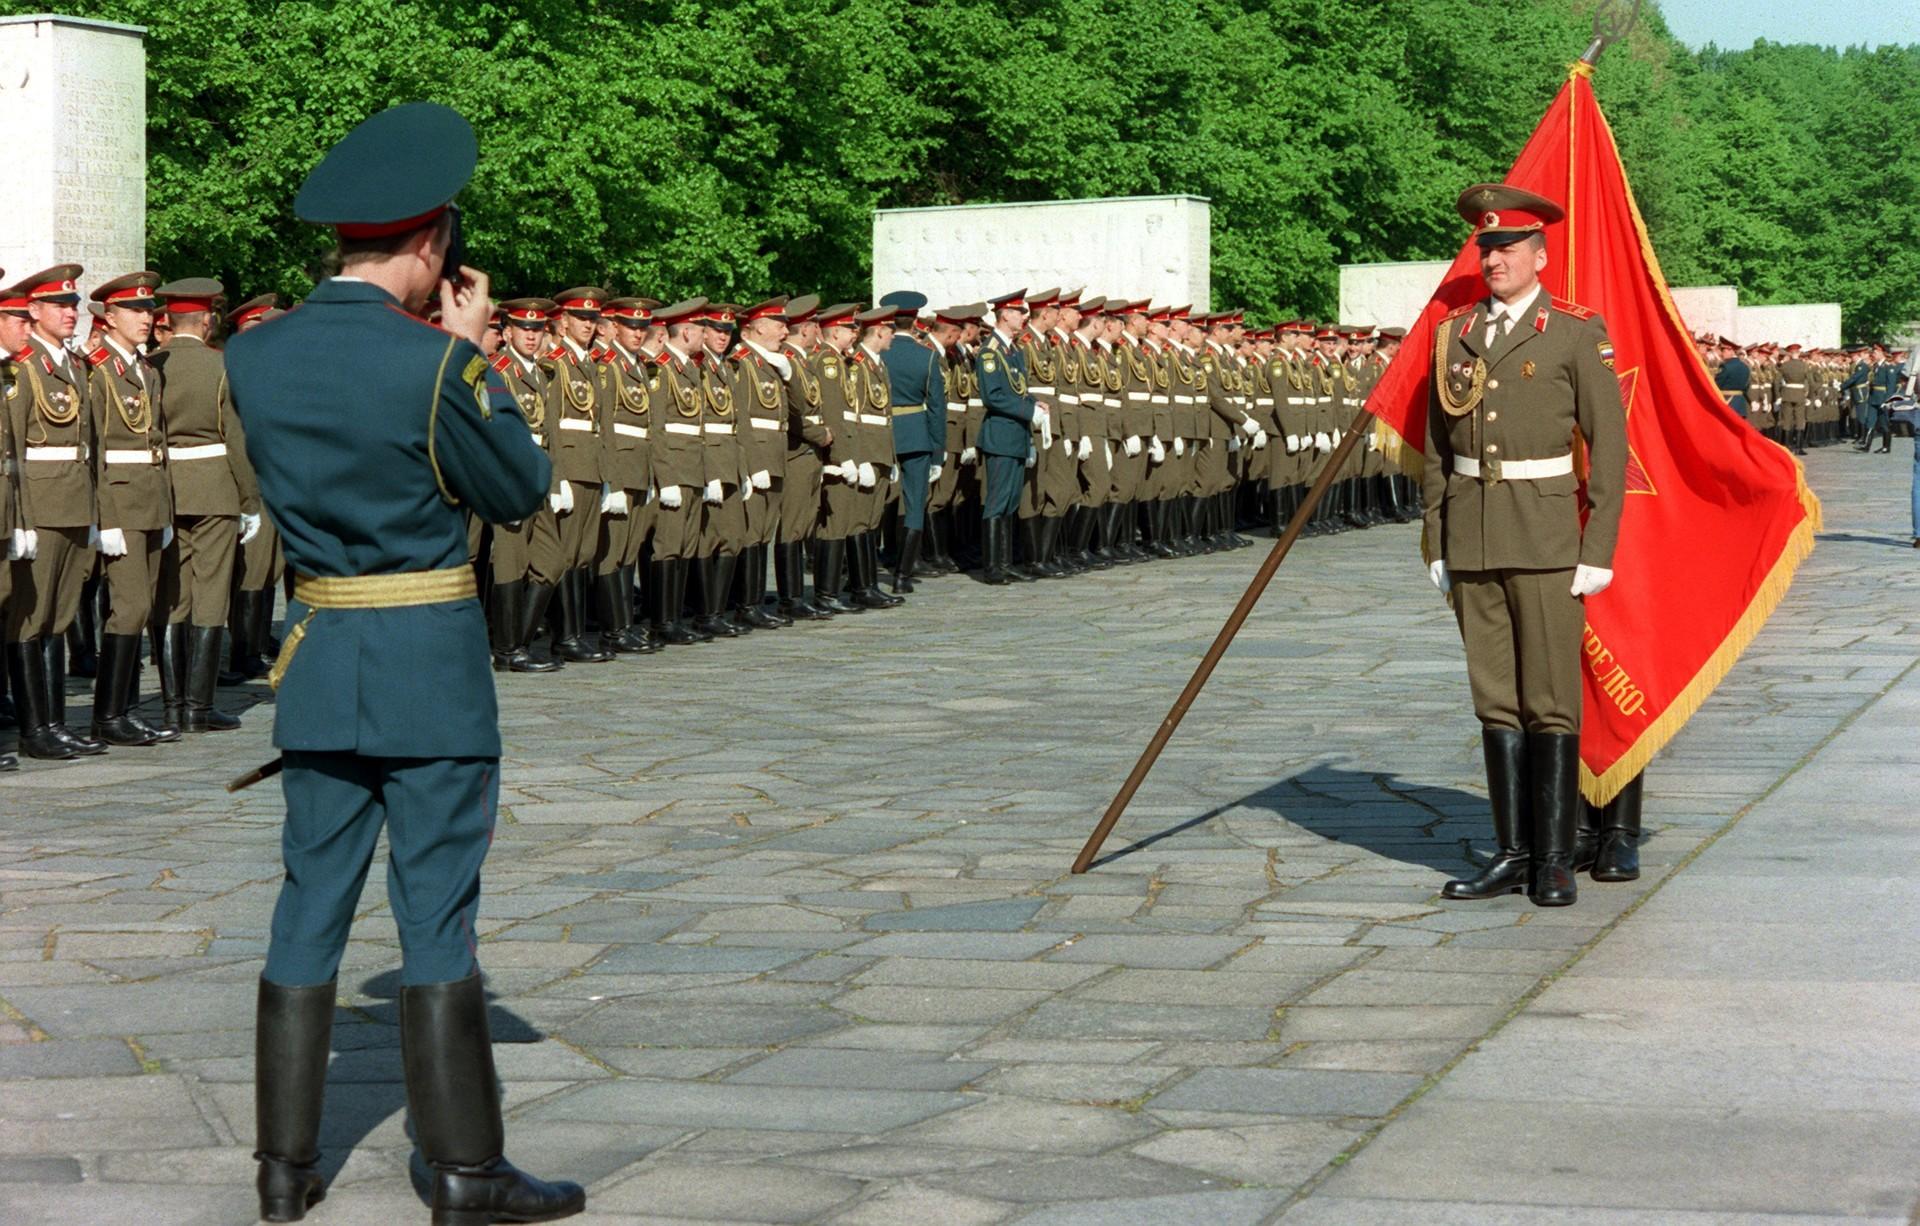 Zadnje praznovanje obletnice dneva zmage v Berlinu pred umikom zadnjih sovjetskih čet, 8. maj 1994